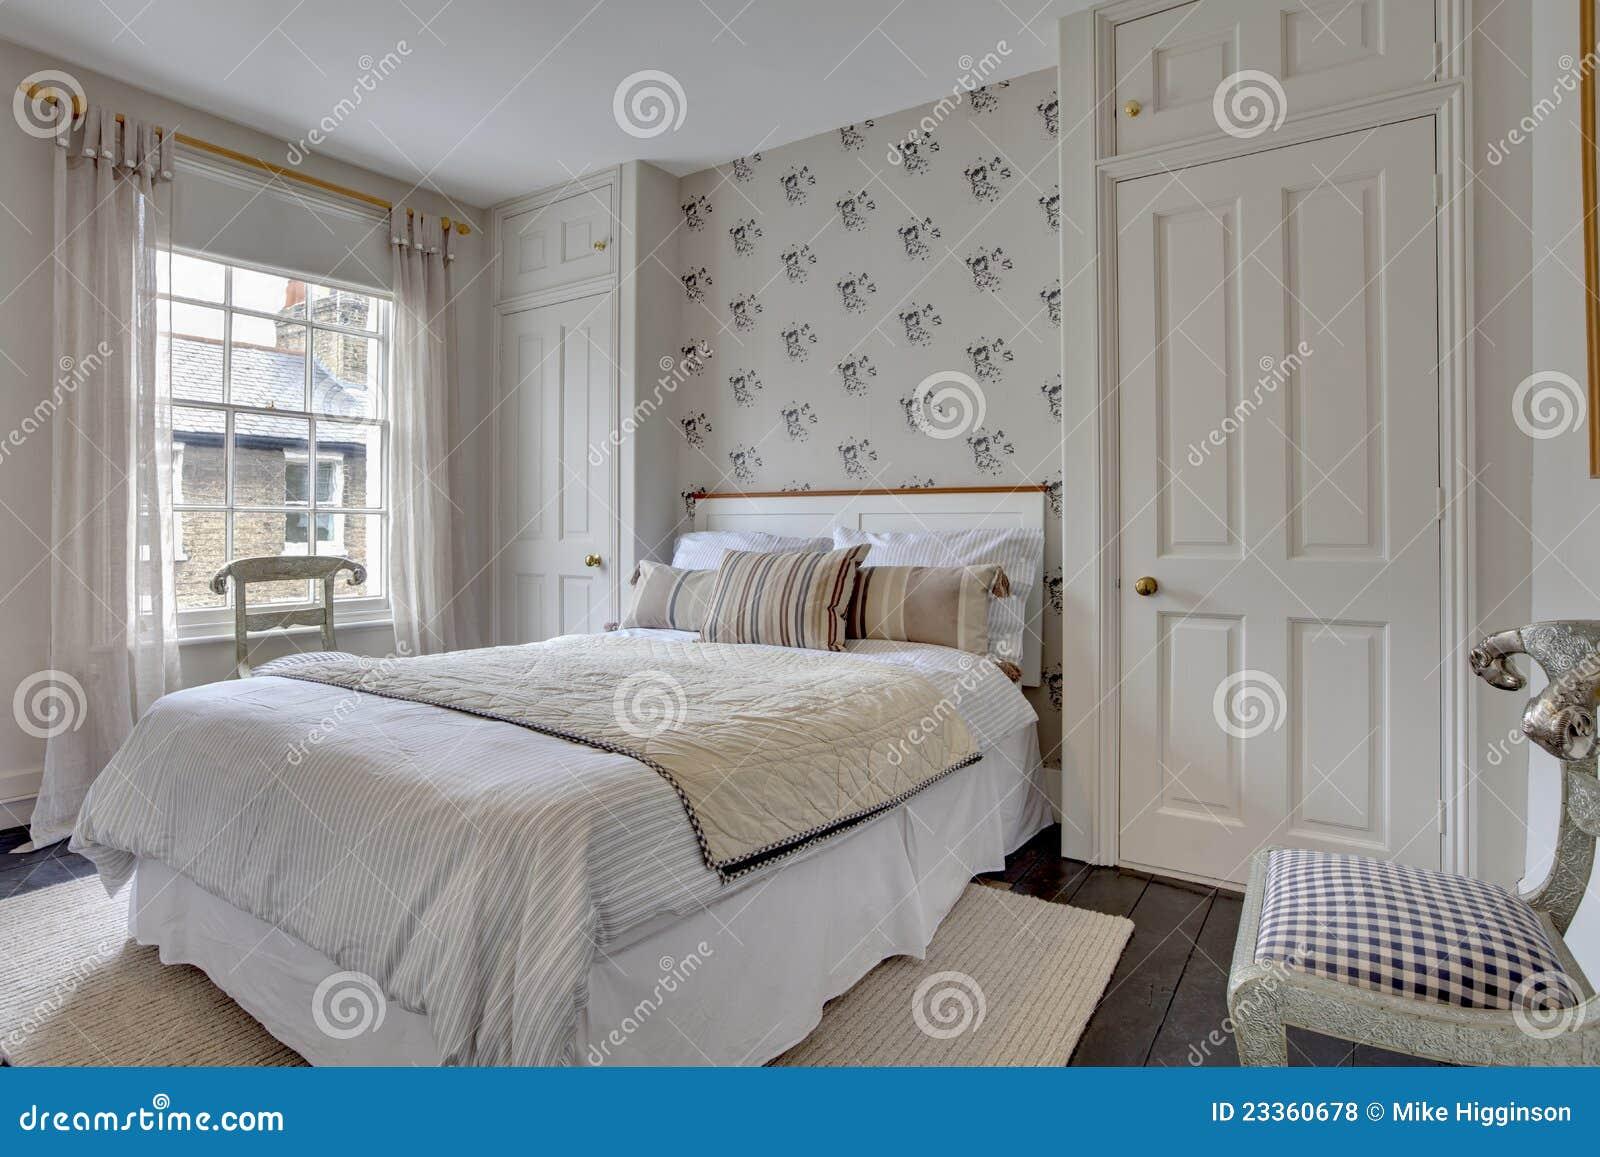 Decoraci n tradicional del dormitorio fotos de archivo - Decoracion del dormitorio ...